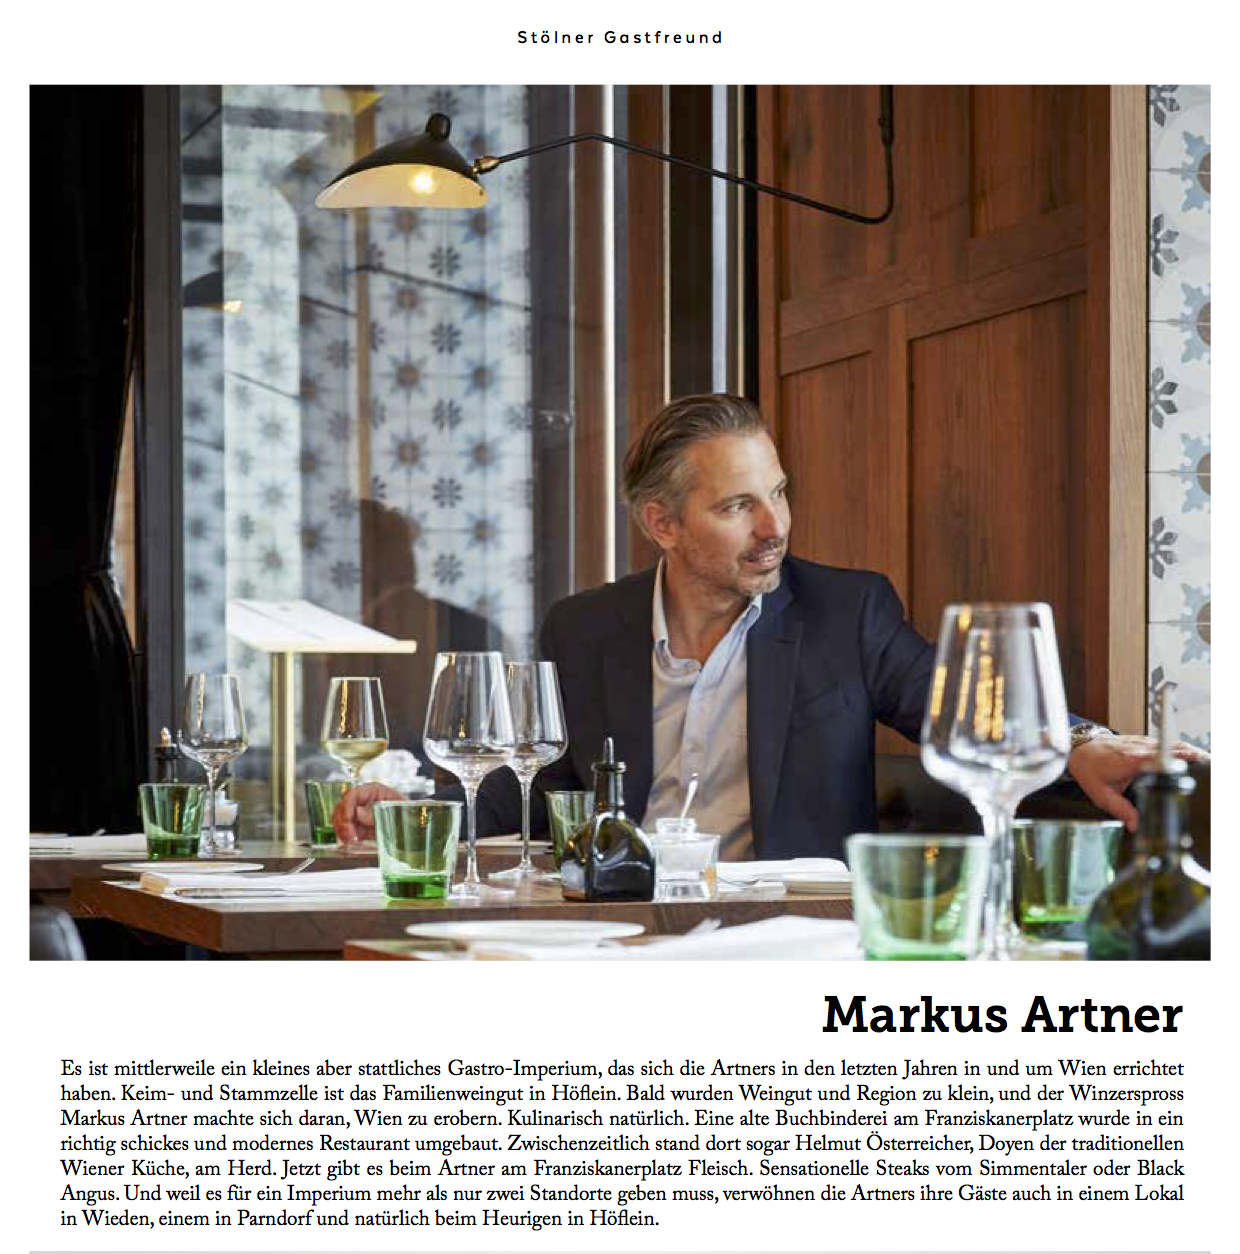 Zutat 5/2017 Gastfreund Markus Artner (c)kheymach Magazindesign